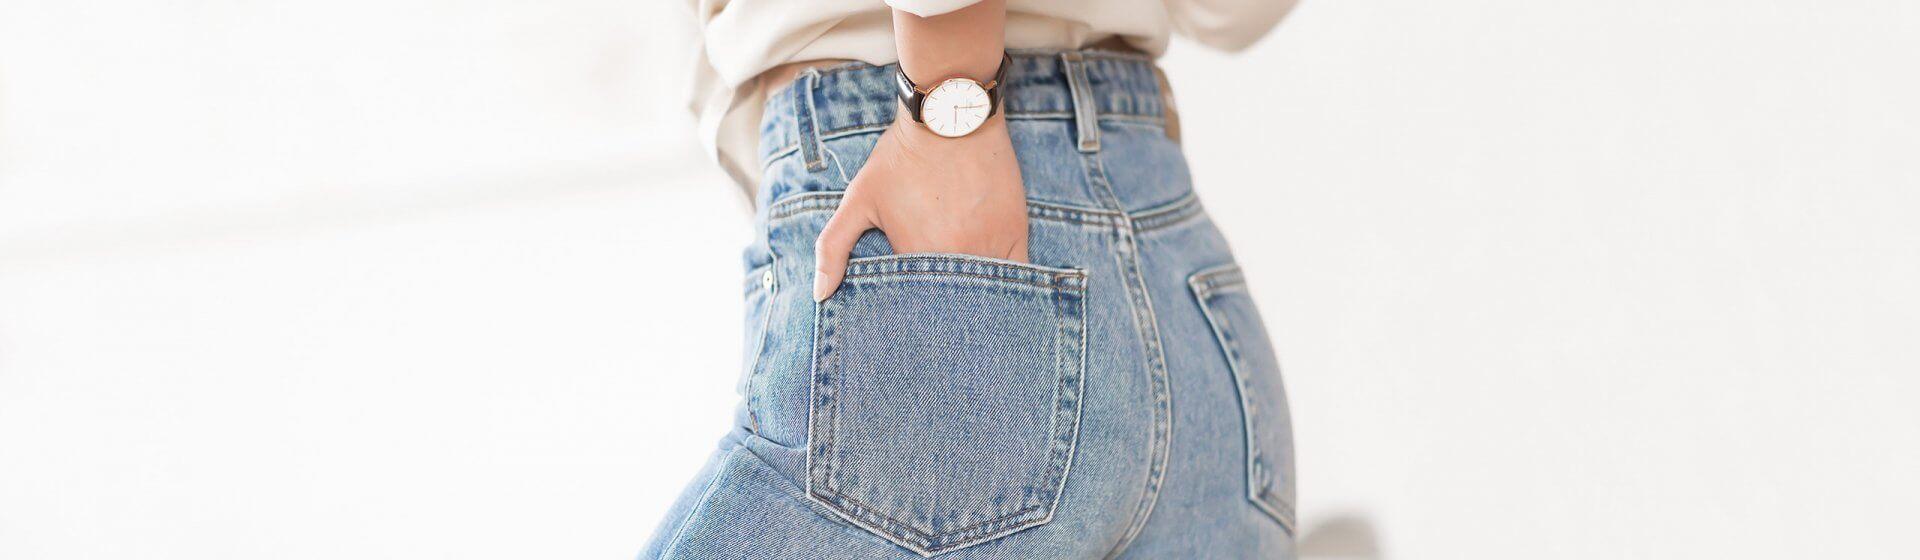 Jeans Trends 2021 - Diese Modelle sind jetzt angesagt